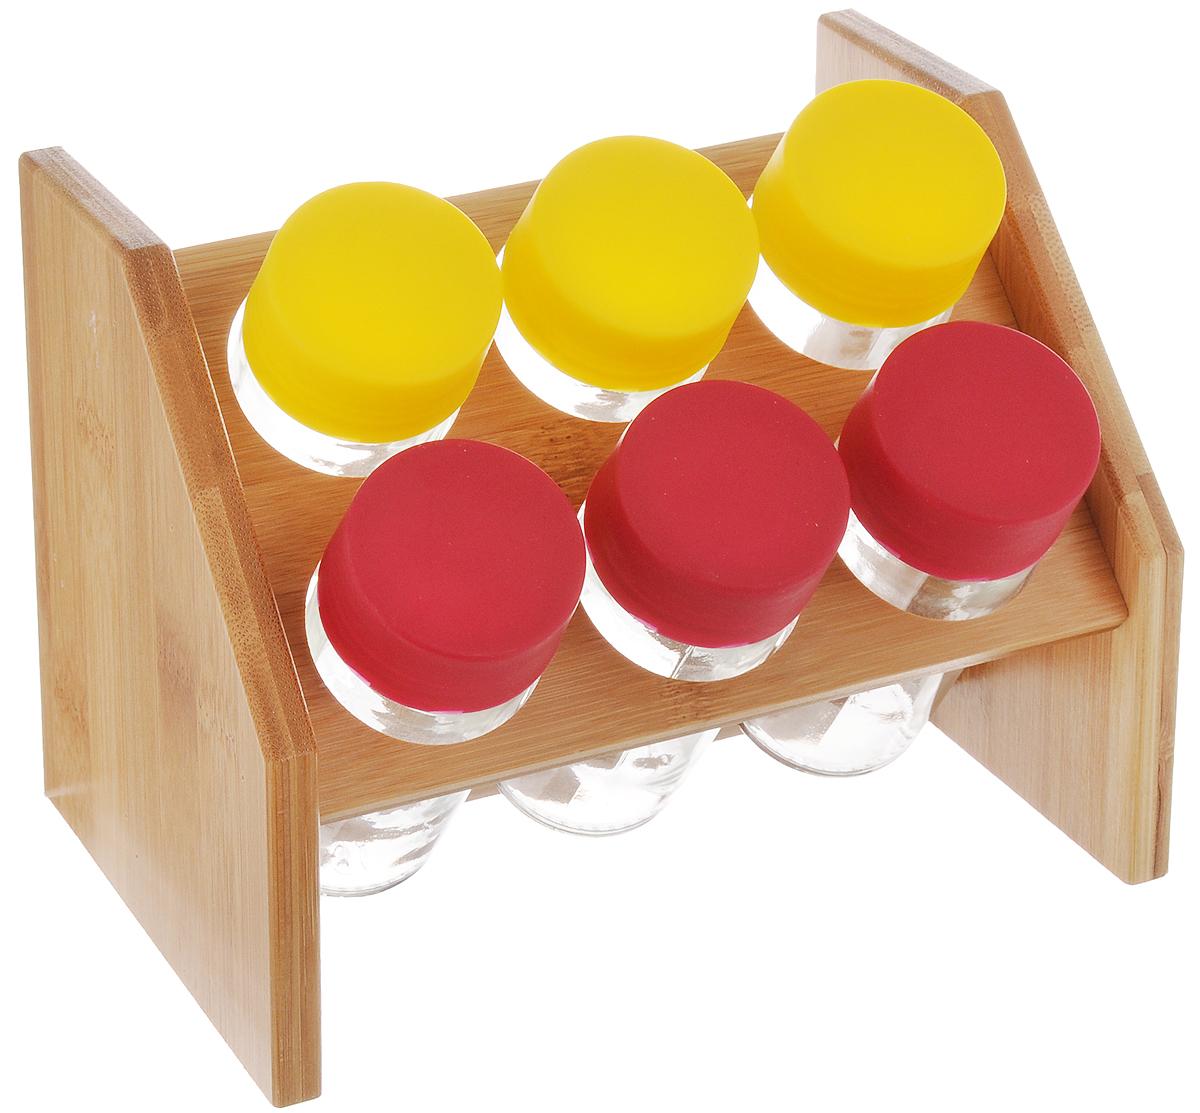 Набор для специй Mayer&Boch, цвет: желтый, малиновый, 7 предметов23260_желтый,малиновыйНабор для специй Mayer & Boch включает 6 баночек для специй, расположенных на бамбуковой подставке, благодаря чему емкости не потеряются и всегда будут у вас под рукой. Емкости выполнены из высококачественного стекла и снабжены цветными пластиковыми крышками. Герметичное закрытие обеспечивает самое лучшее хранение. Баночки можно наполнять любыми используемыми вами специями. Модный, элегантный и яркий дизайн набора украсит интерьер вашей кухни. Наслаждайтесь приготовлением пищи с вашим набором баночек для специй. Объем баночки: 100 мл. Размер баночки: 4 х 4 х 10 см. Размер подставки: 18 х 14 х 13 см.